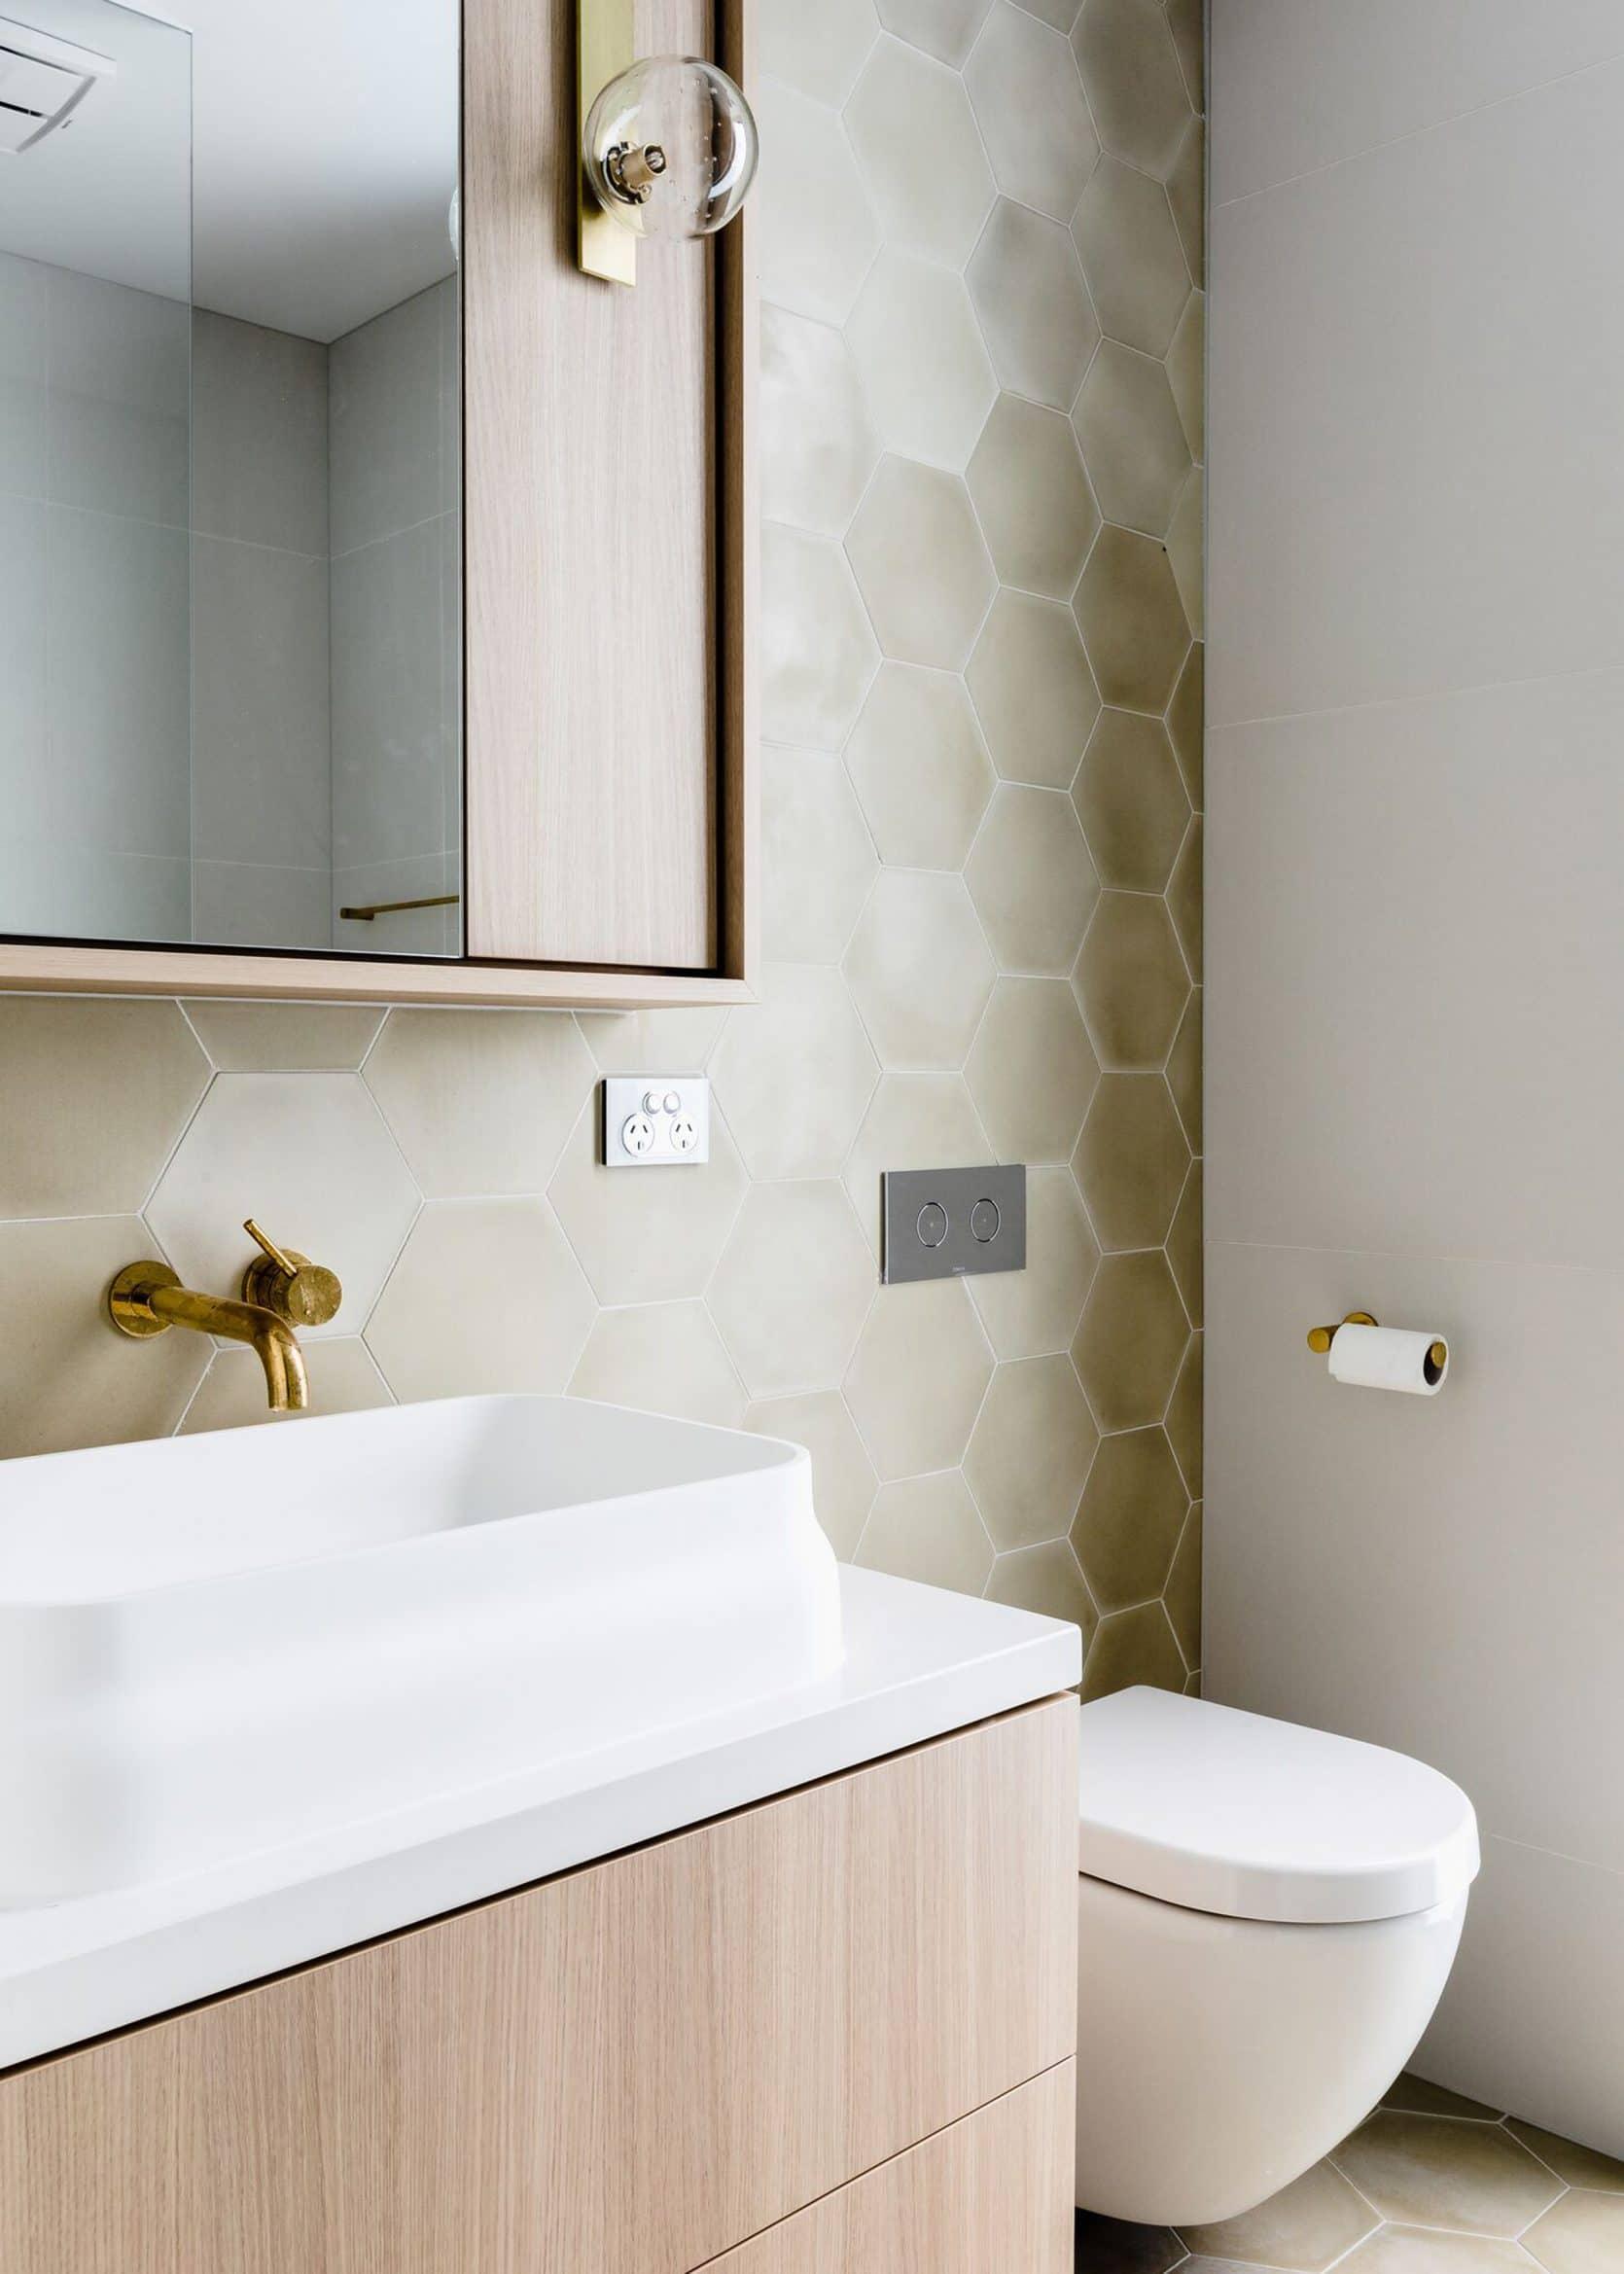 тренды в ванной, тренды в дизайне ванной 2020, тренды в ремонте ванной 2020, тренд на мрамор, керамогранит под мрамор, закругленное зеркало, подвесные раковины, никель в ванной